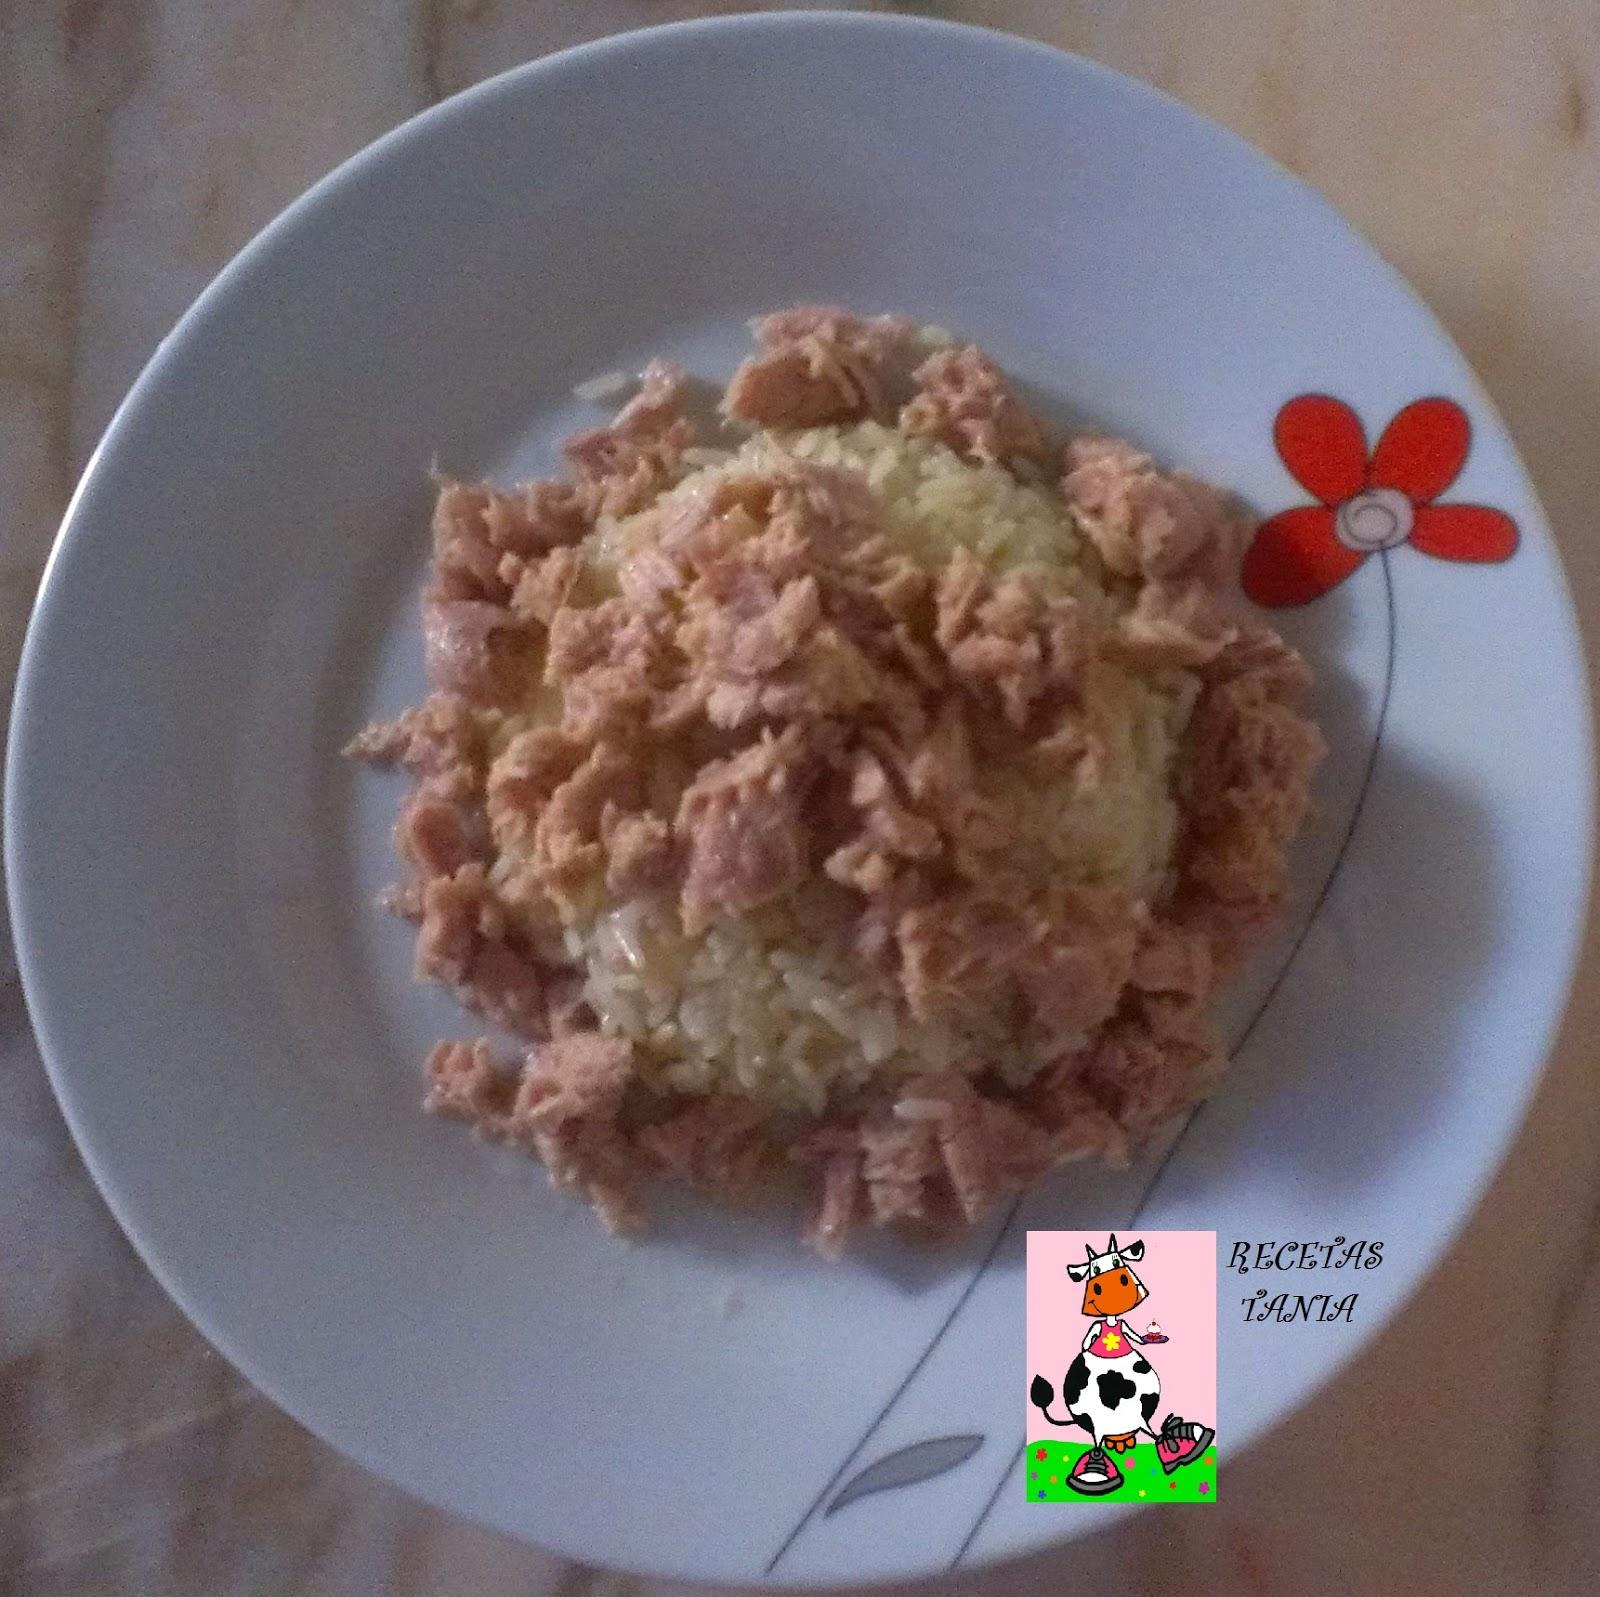 Recetas tania arroz blanco con at n - Comidas con arroz blanco ...